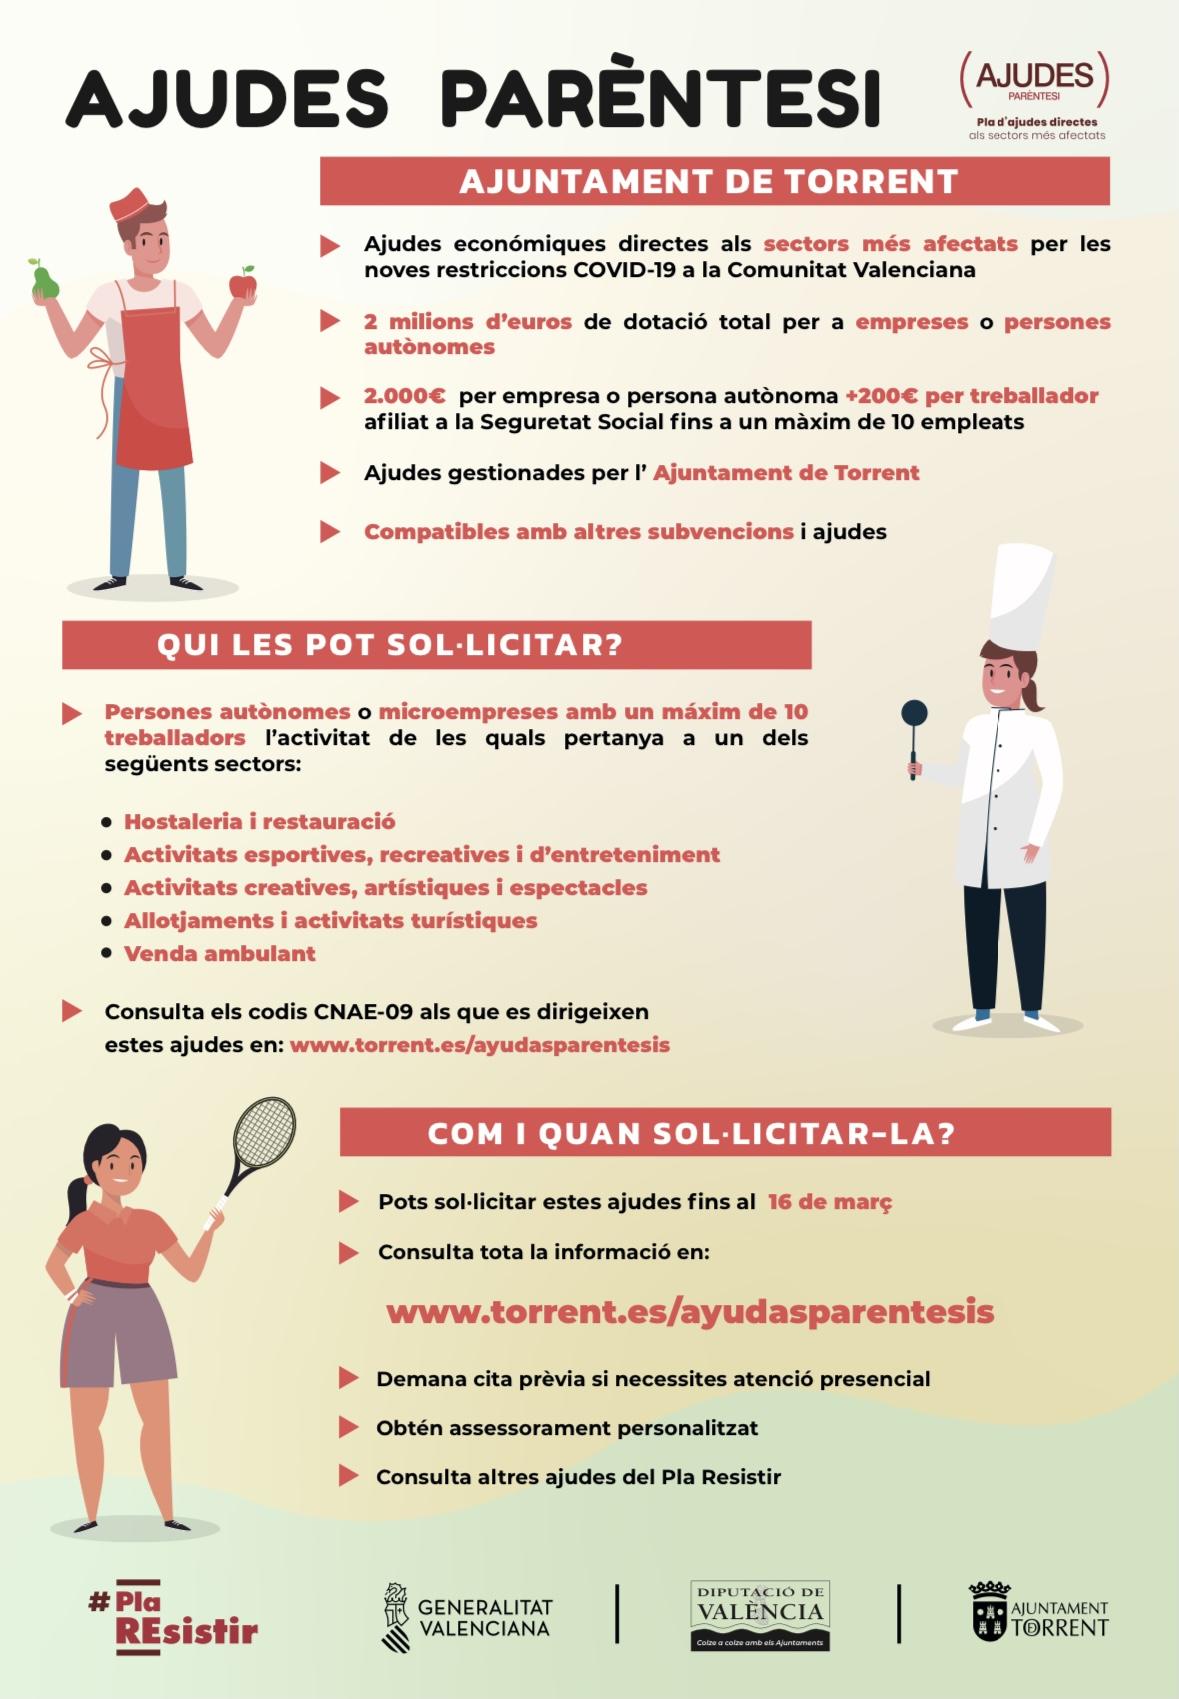 Ayudas Paréntesis del Ajuntament de Torrent (Plan Resistir). Desde el 17.02 al 16.03.21 !!!